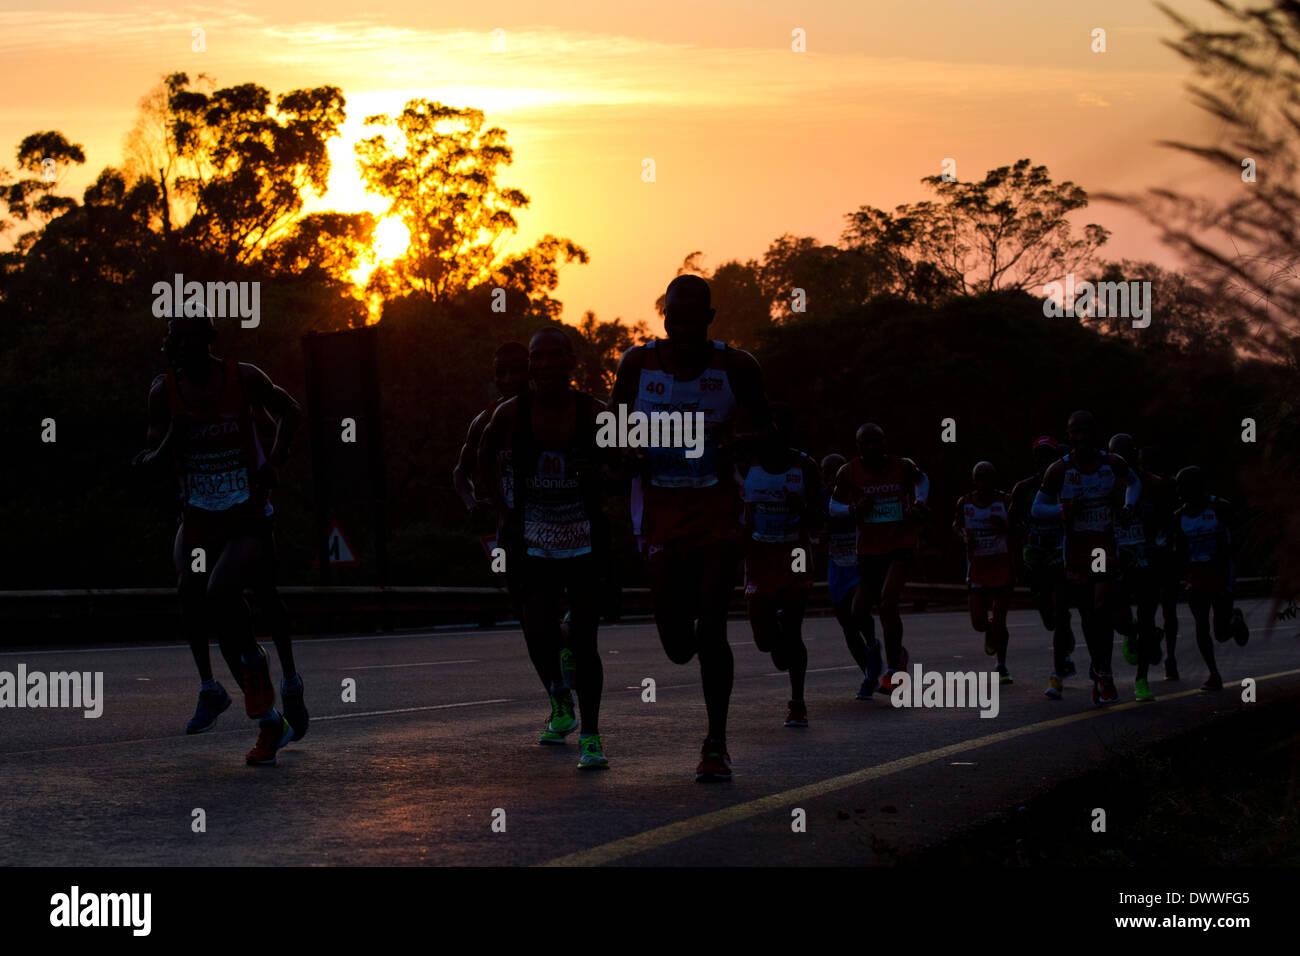 Glissières de siège des champs Hill durant les camarades Marathon, 2 juin 2013. Les camarades est exécuté entre les villes de Durban et de Photo Stock